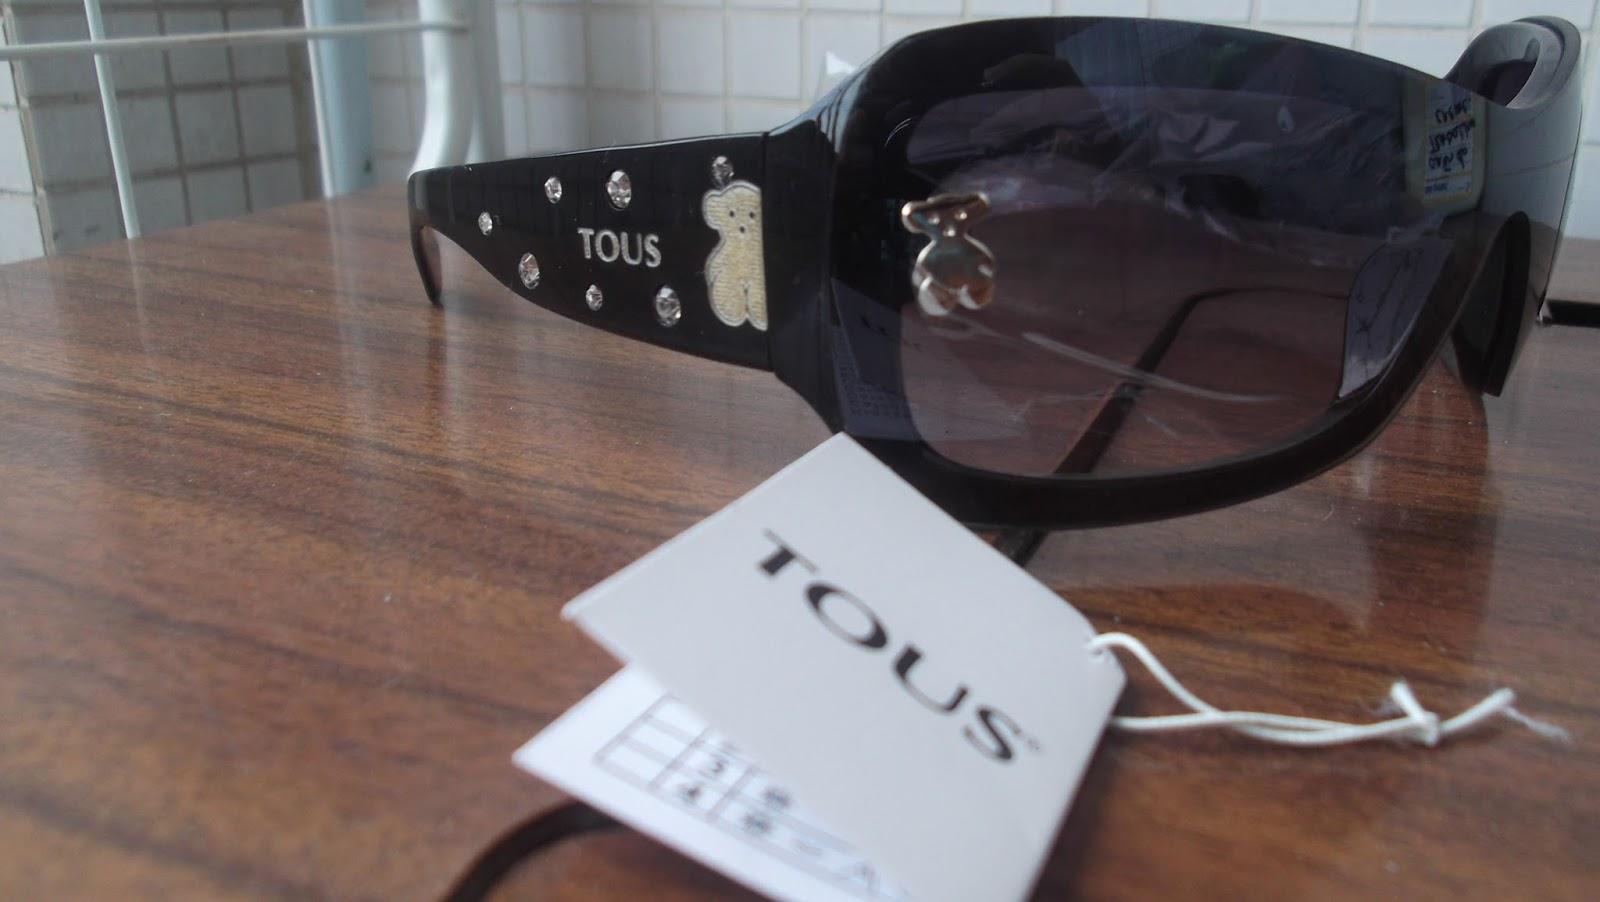 c1e7290a61b96 As melhores vendas   Oculos de Sol Tous